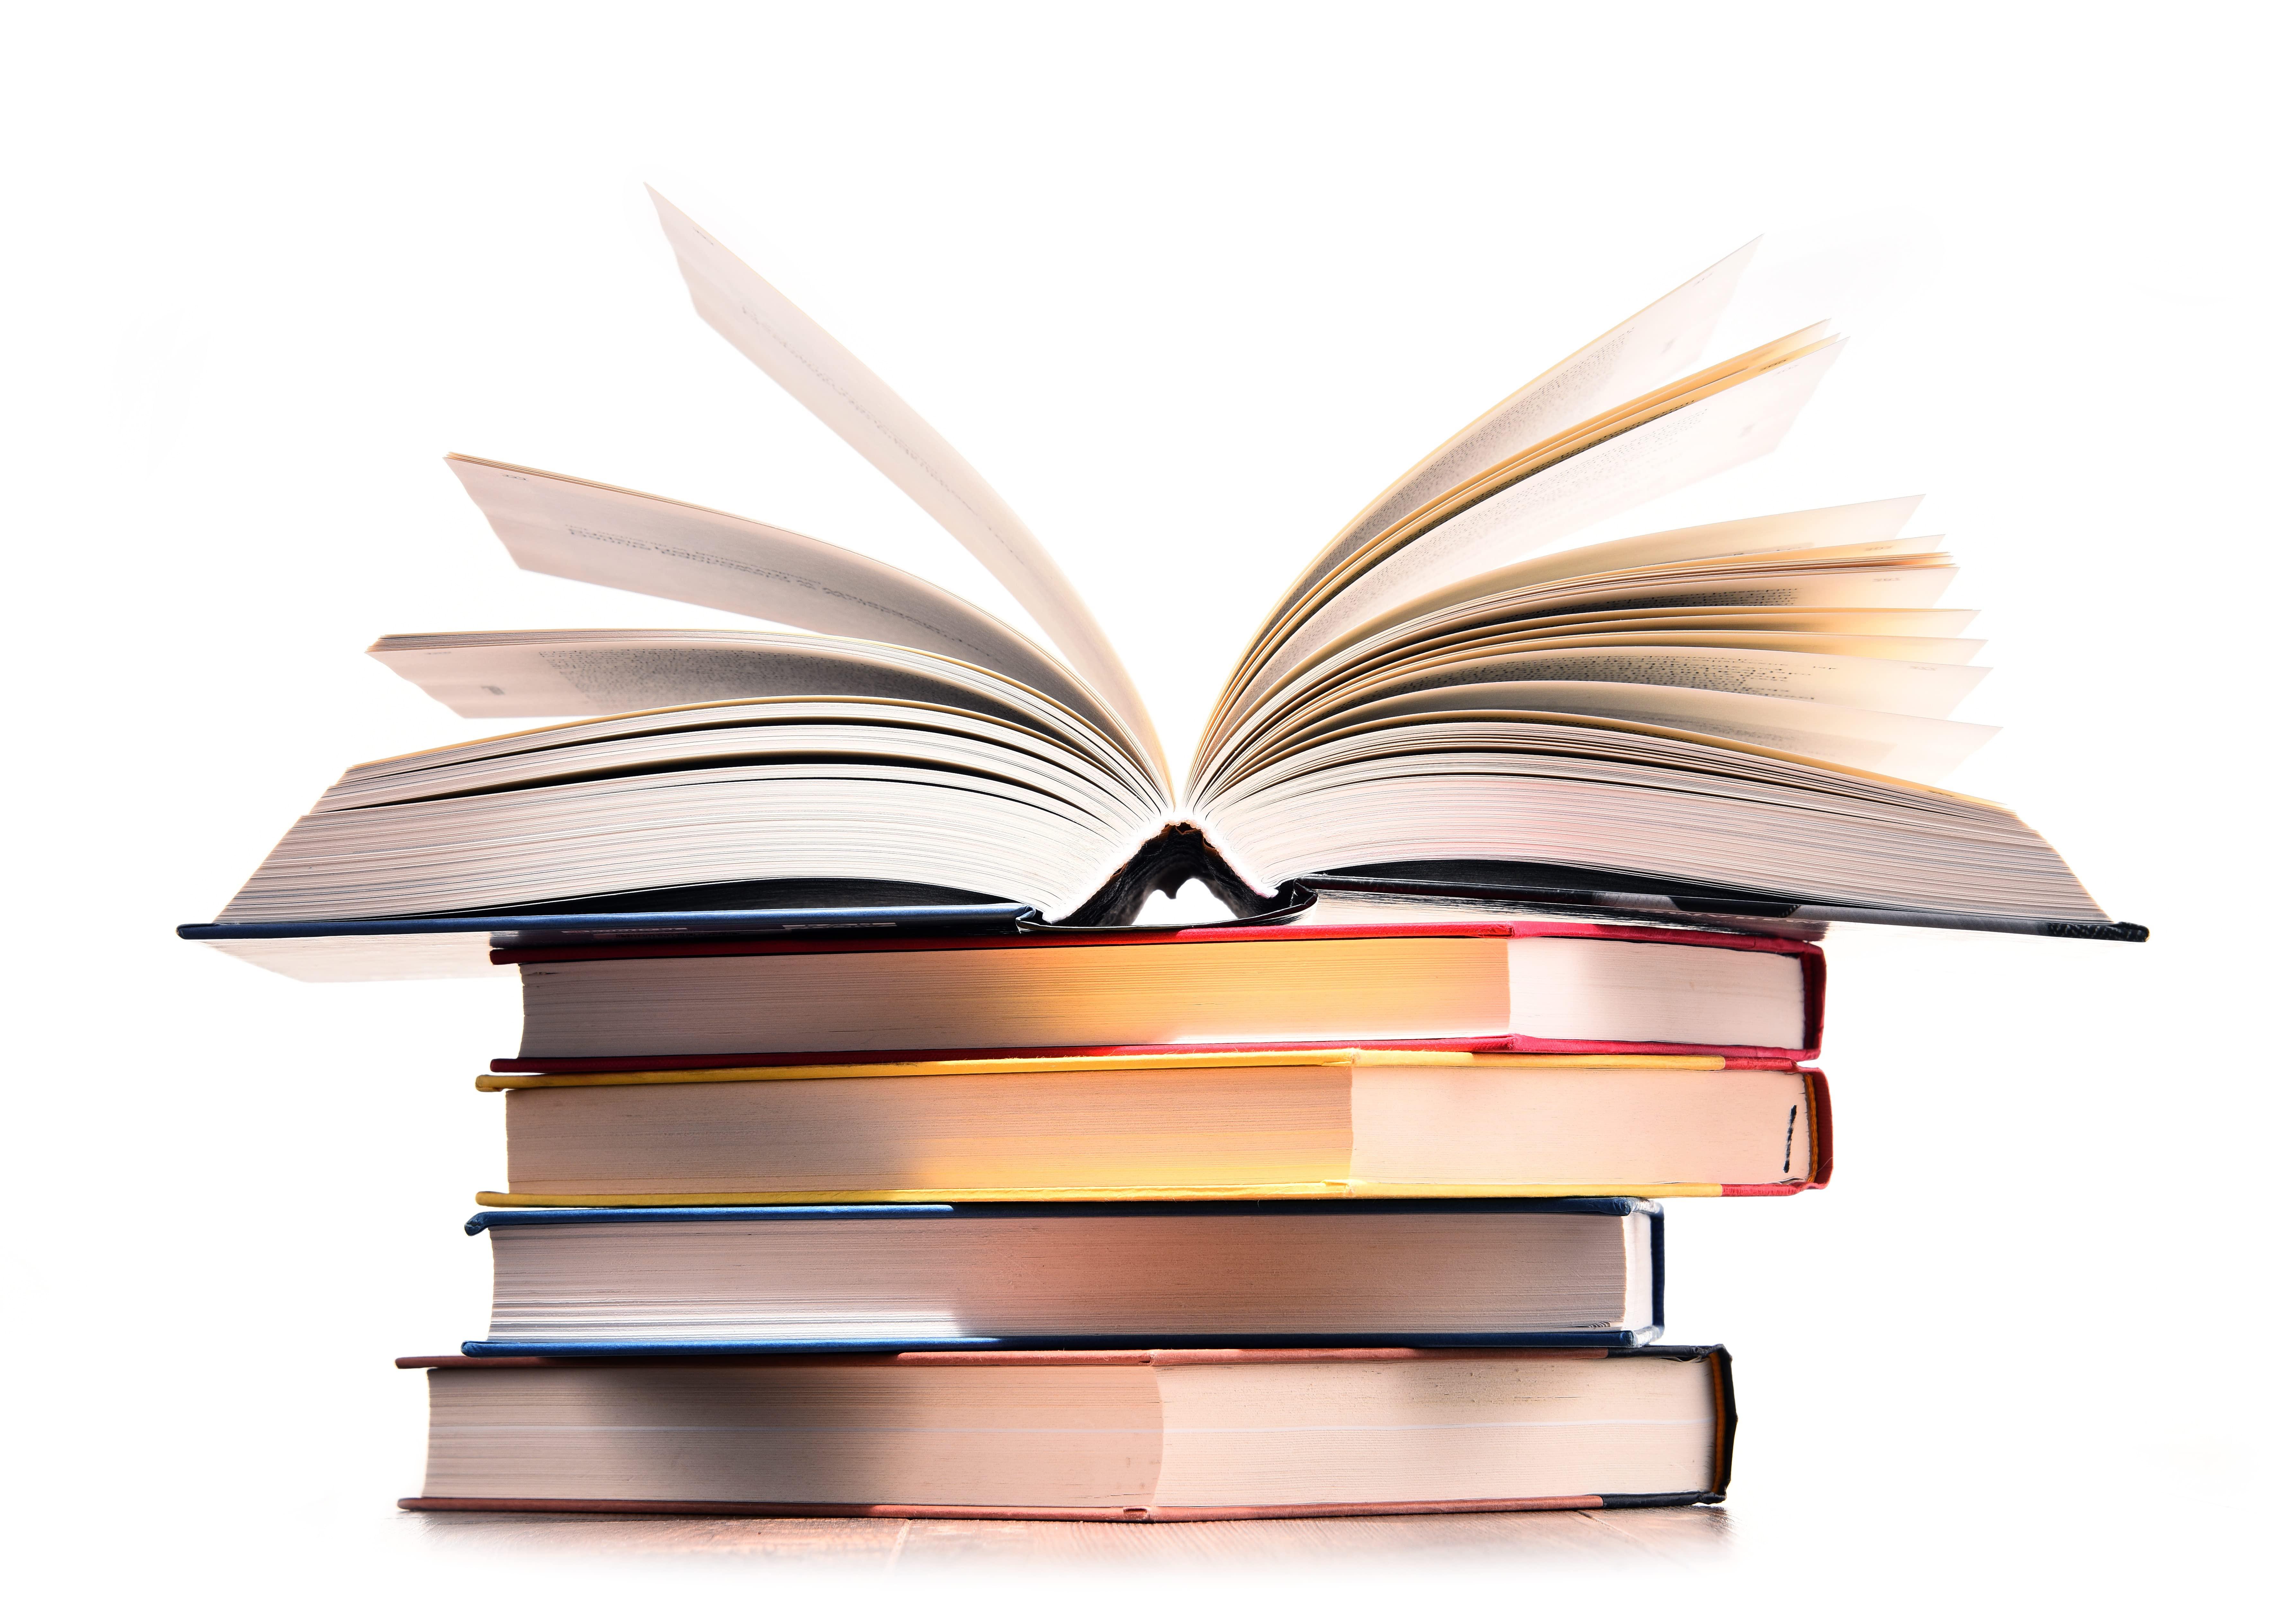 Anuncia Libros y vende en Amazon Marketplace